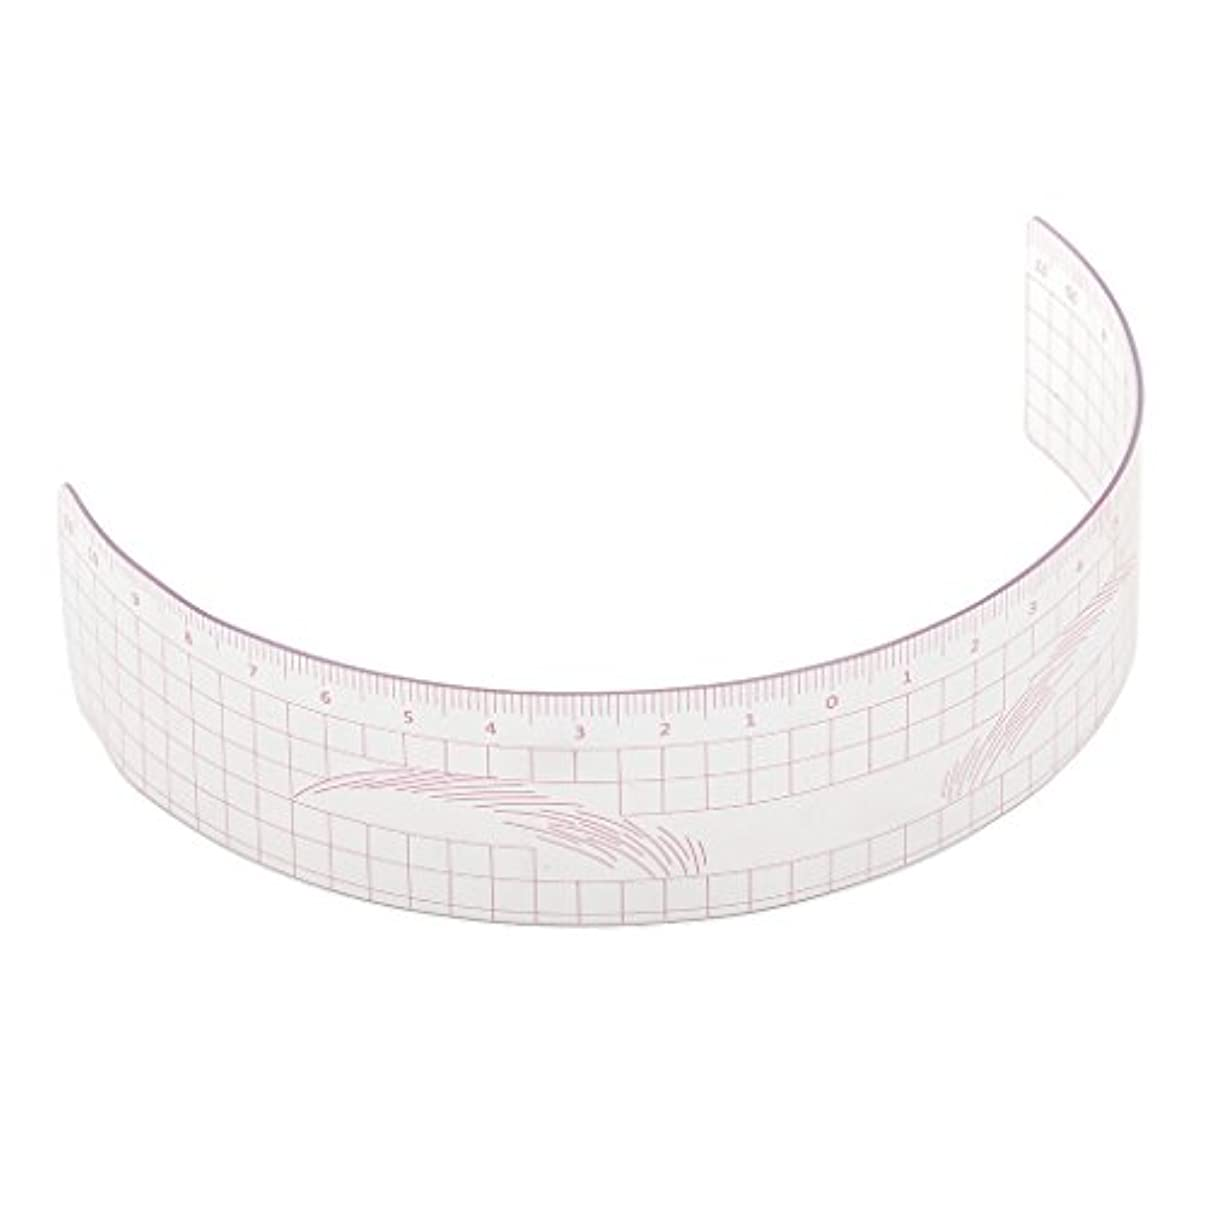 有効スピーカー硬いP Prettyia 眉毛の定規 眉毛ステンシル 眉毛ルーラー 測定用 ルーラー マイクロブレード 再利用可能 全3色 - ピンク